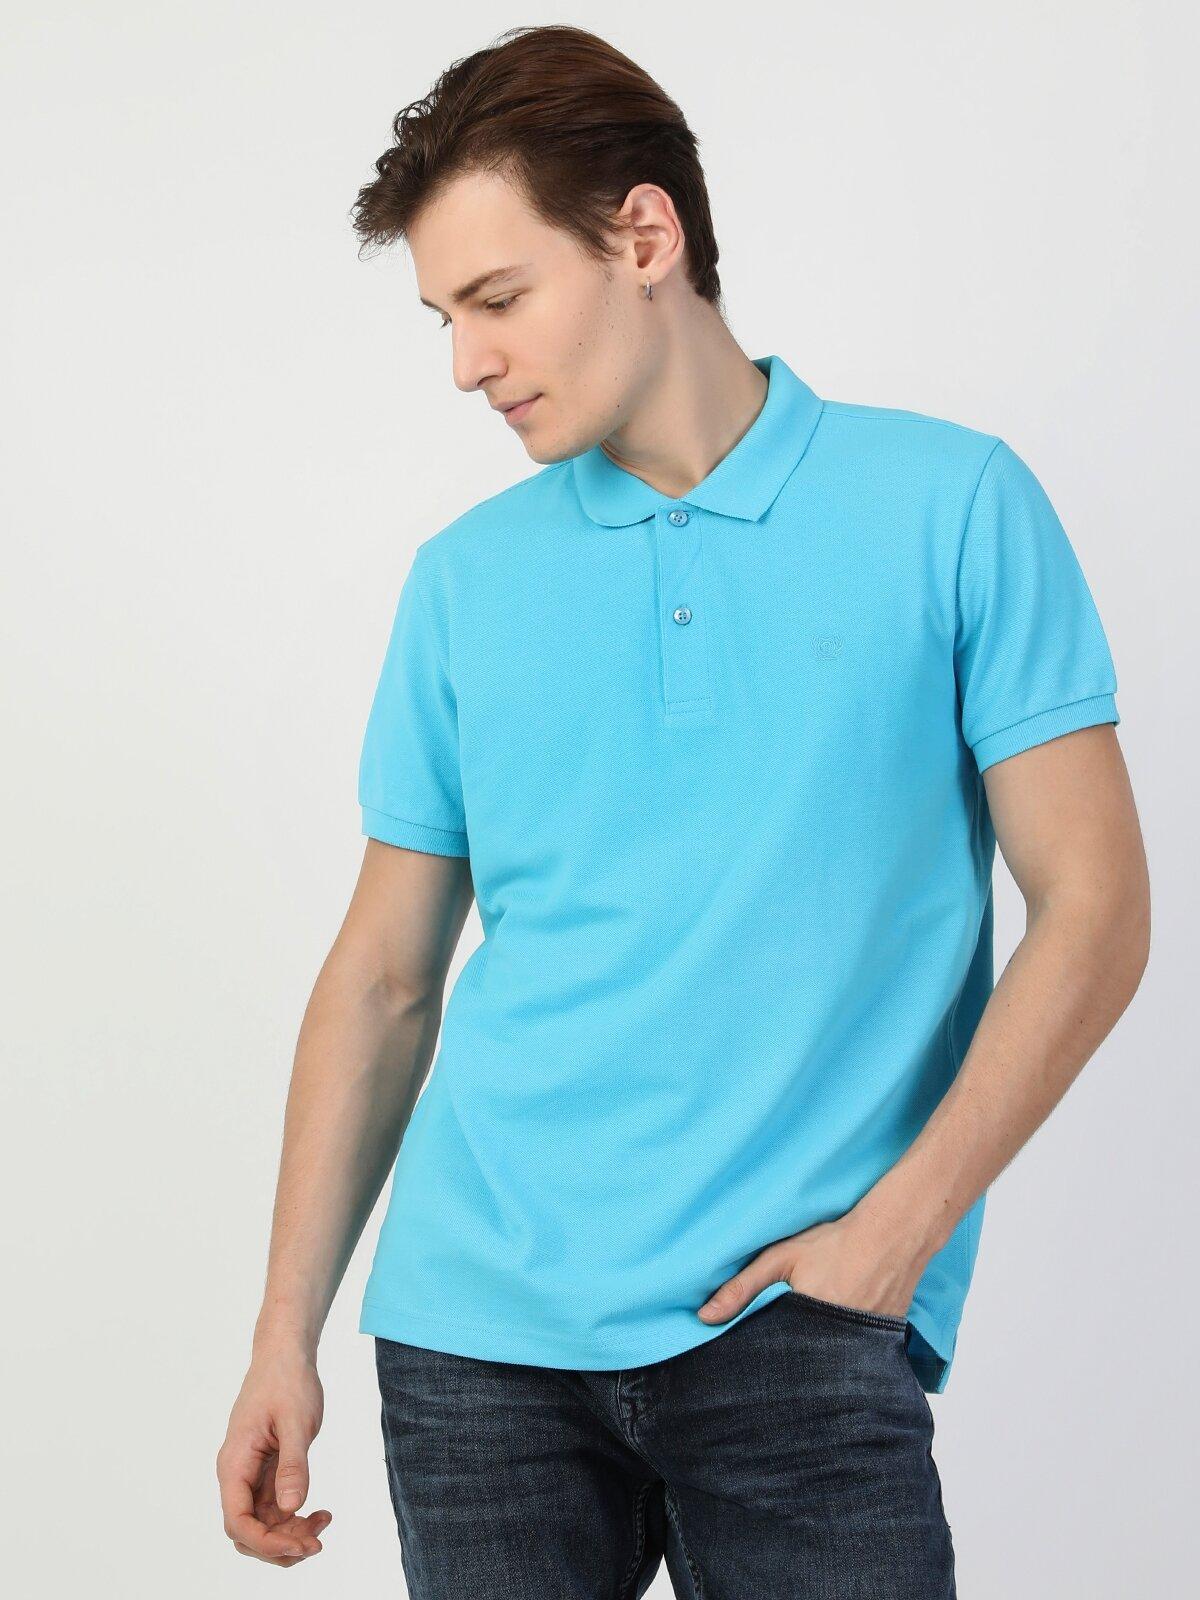 Polo Yaka Turkuaz Kısa Kol Tişört